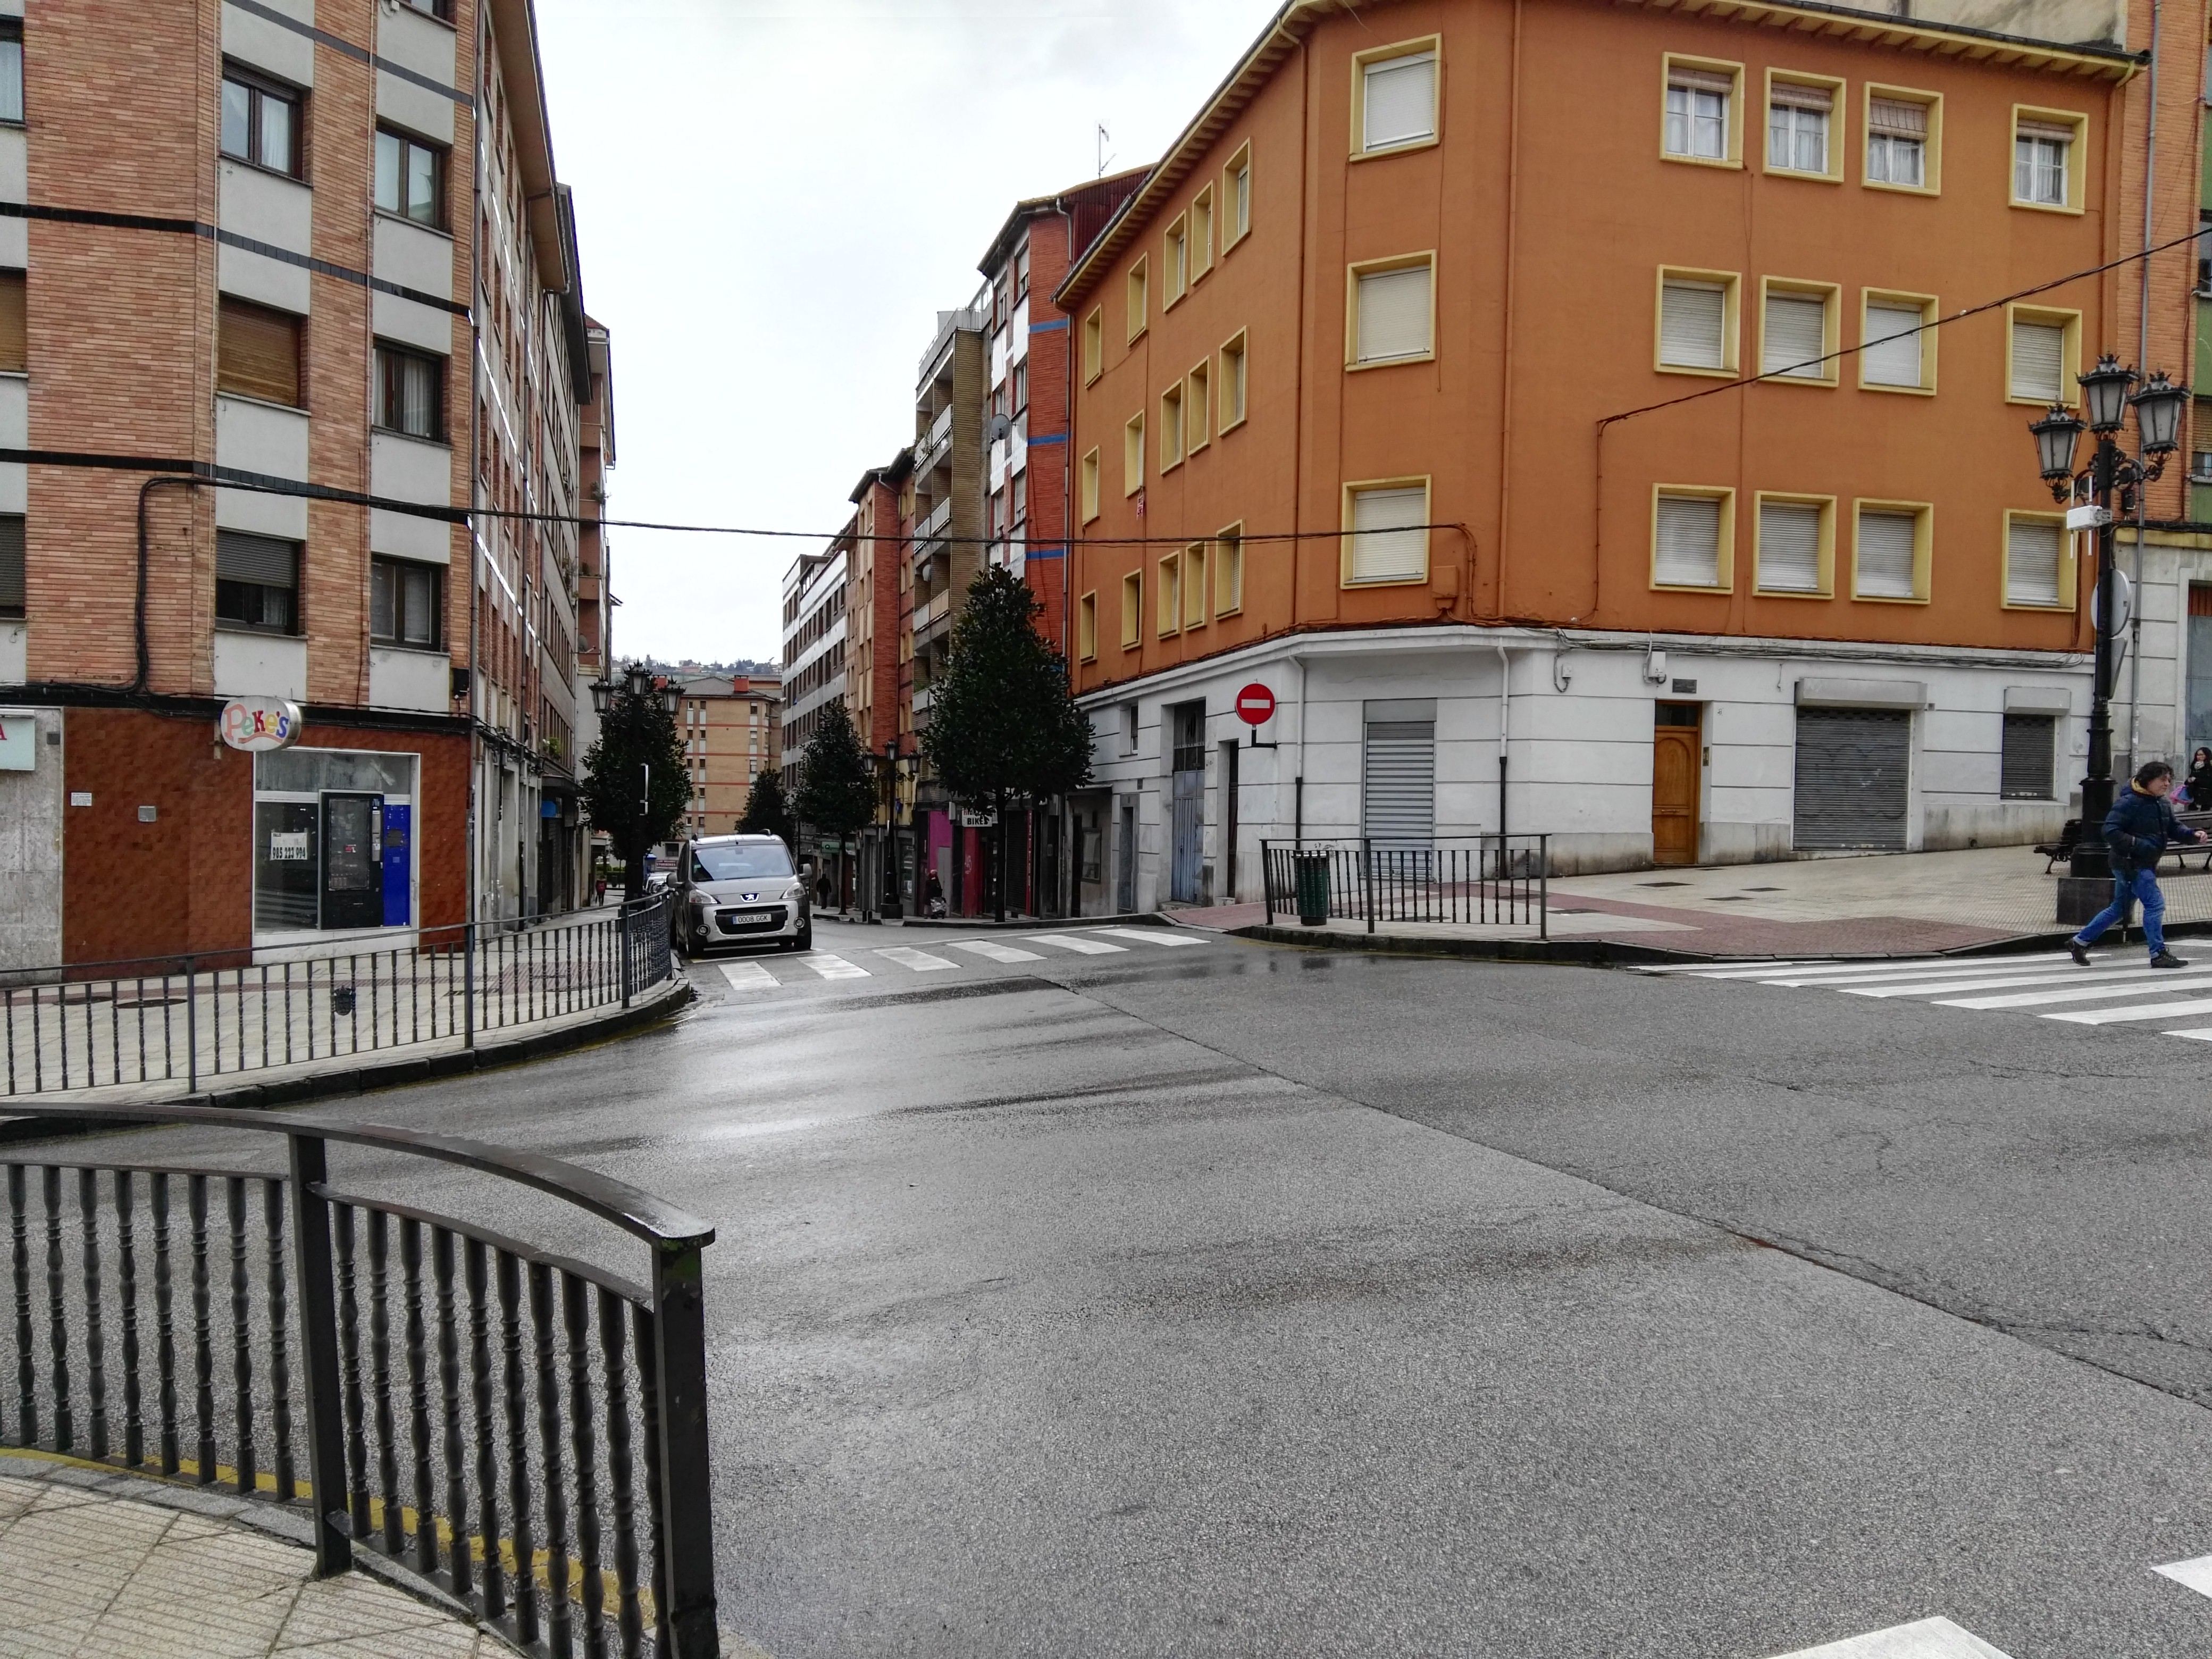 Piso en venta en Oviedo, Asturias, Avenida Torrelavega, 41.000 €, 3 habitaciones, 1 baño, 67 m2